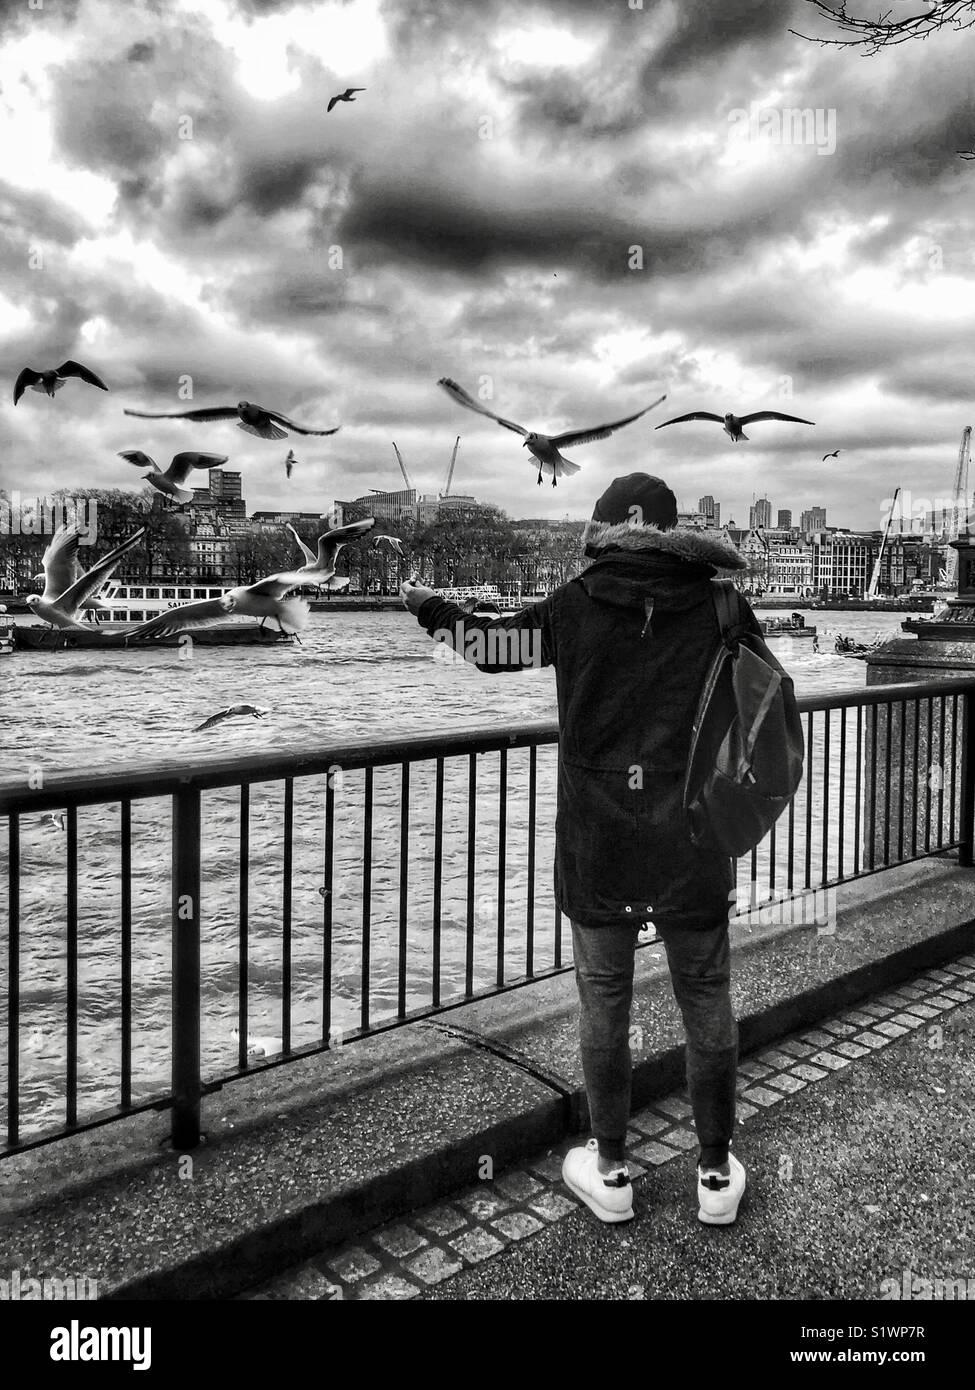 Ein Mann Fütterung seiner Hand holding Möwen zu füttern, da die Vögel fliegen um ihn herum. Stockbild